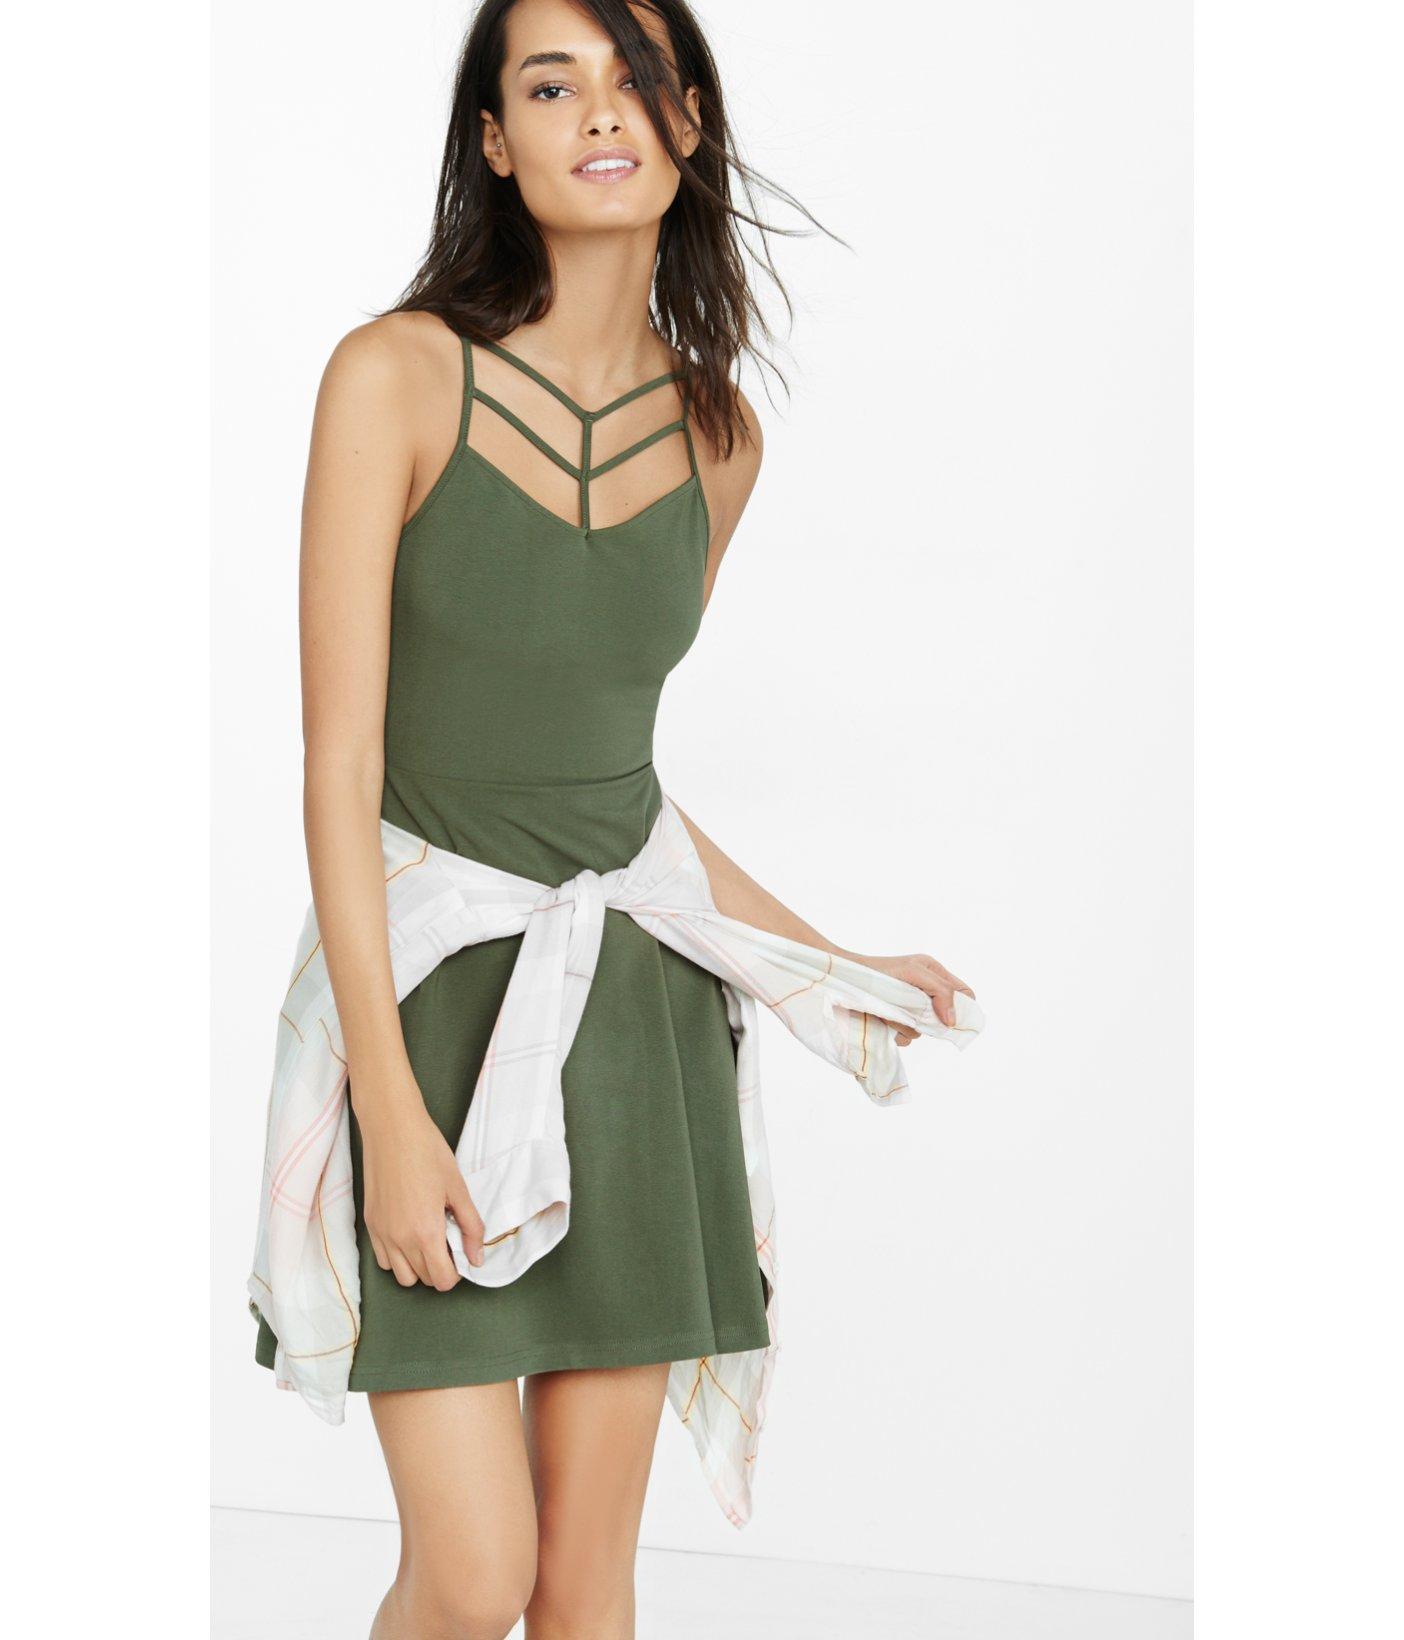 Green Strappy Dress